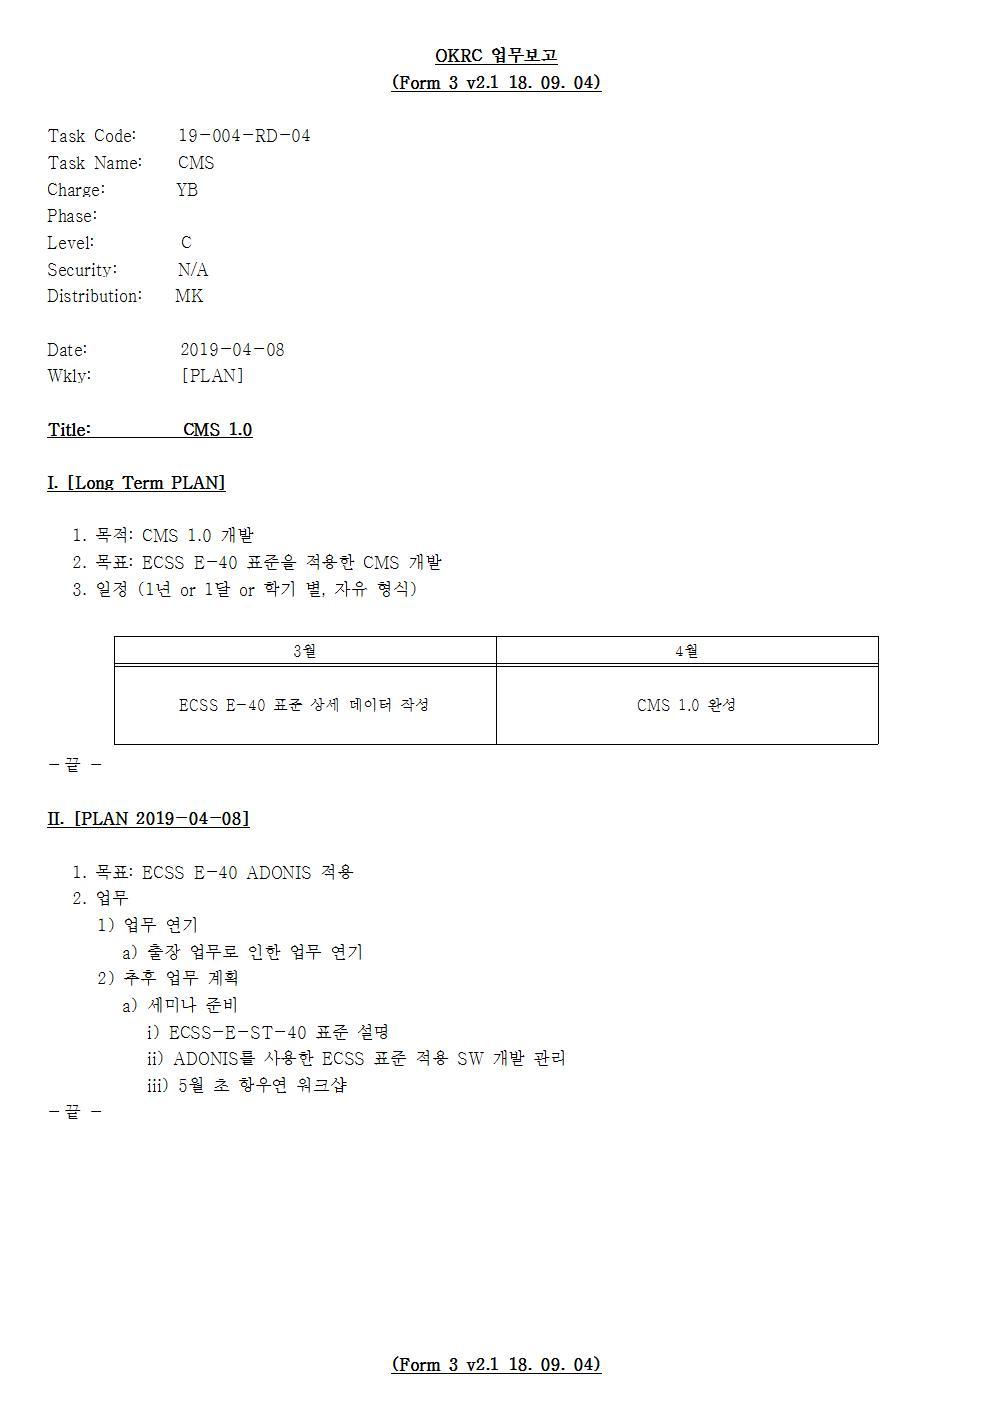 D-[19-004-RD-04]-[CMS]-[2019-04-08][YB]001.jpg